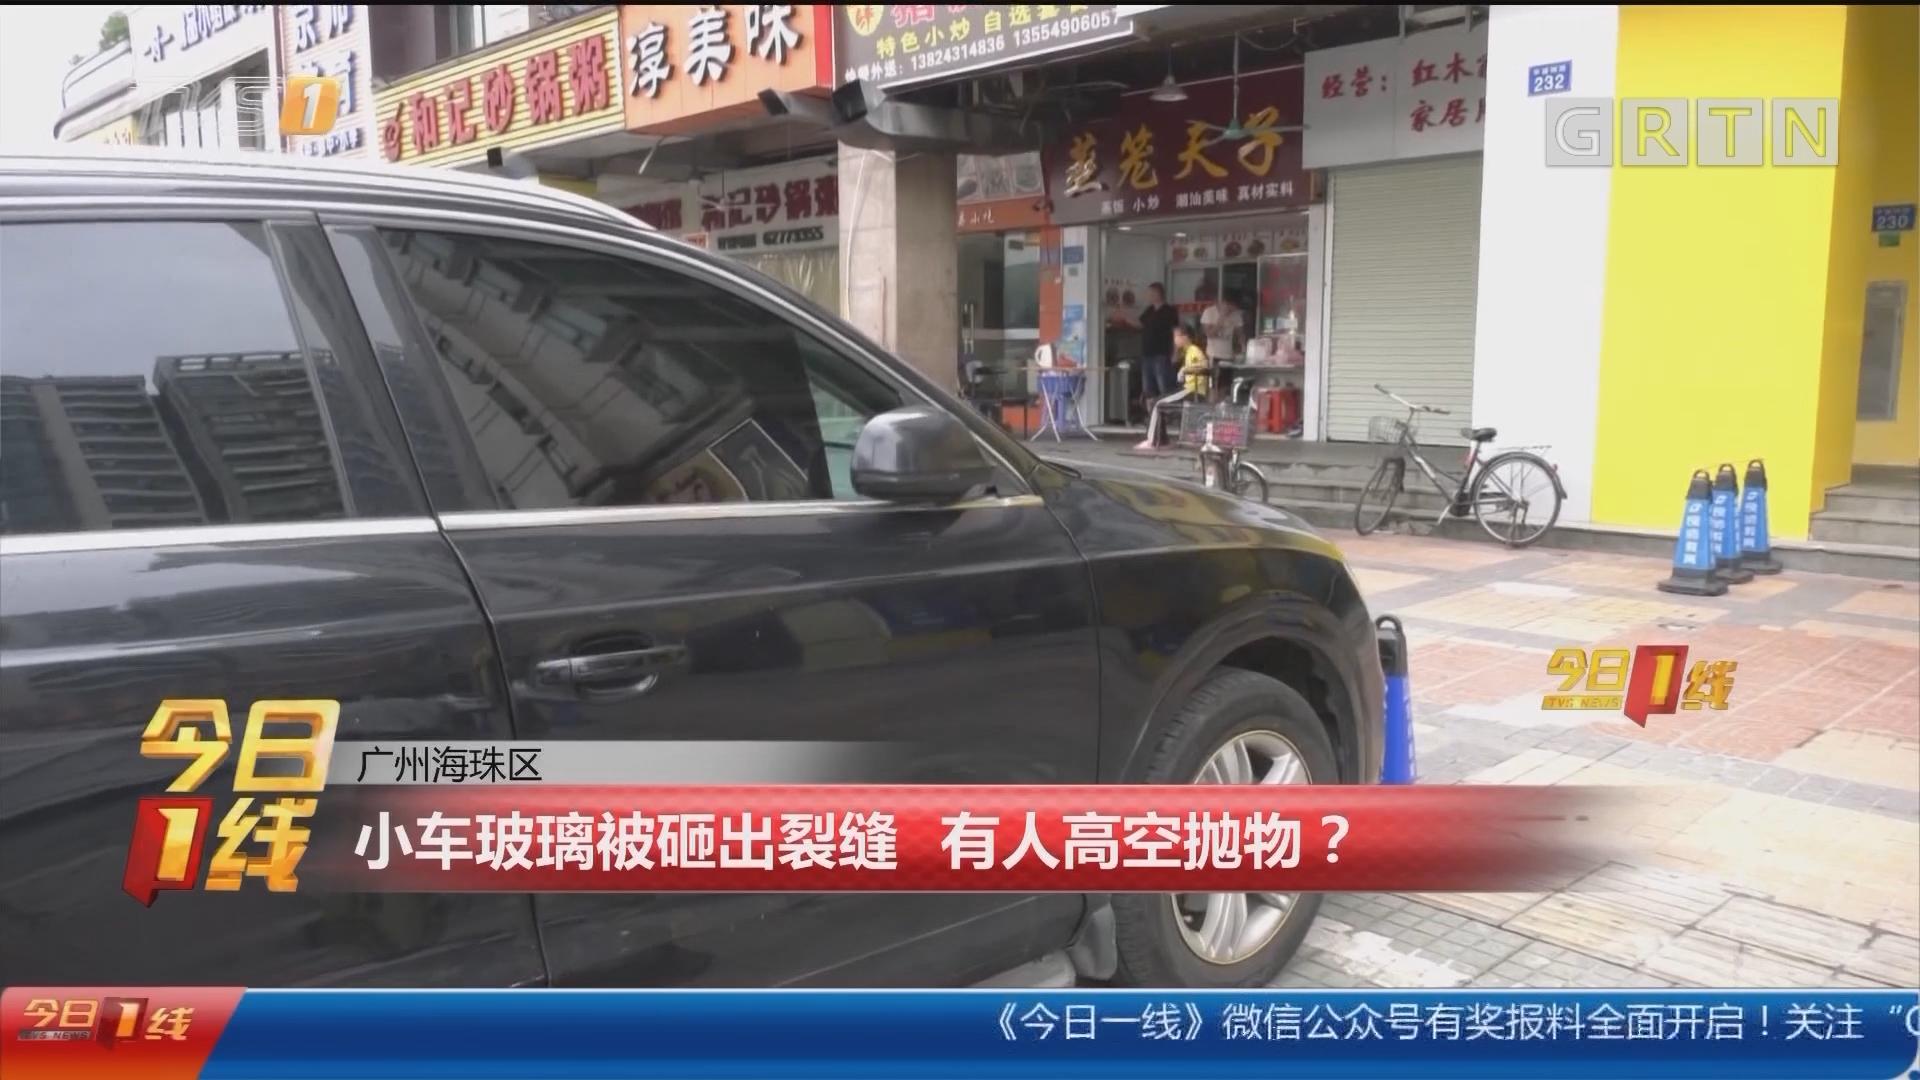 广州海珠区:小车玻璃被砸出裂缝 有人高空抛物?